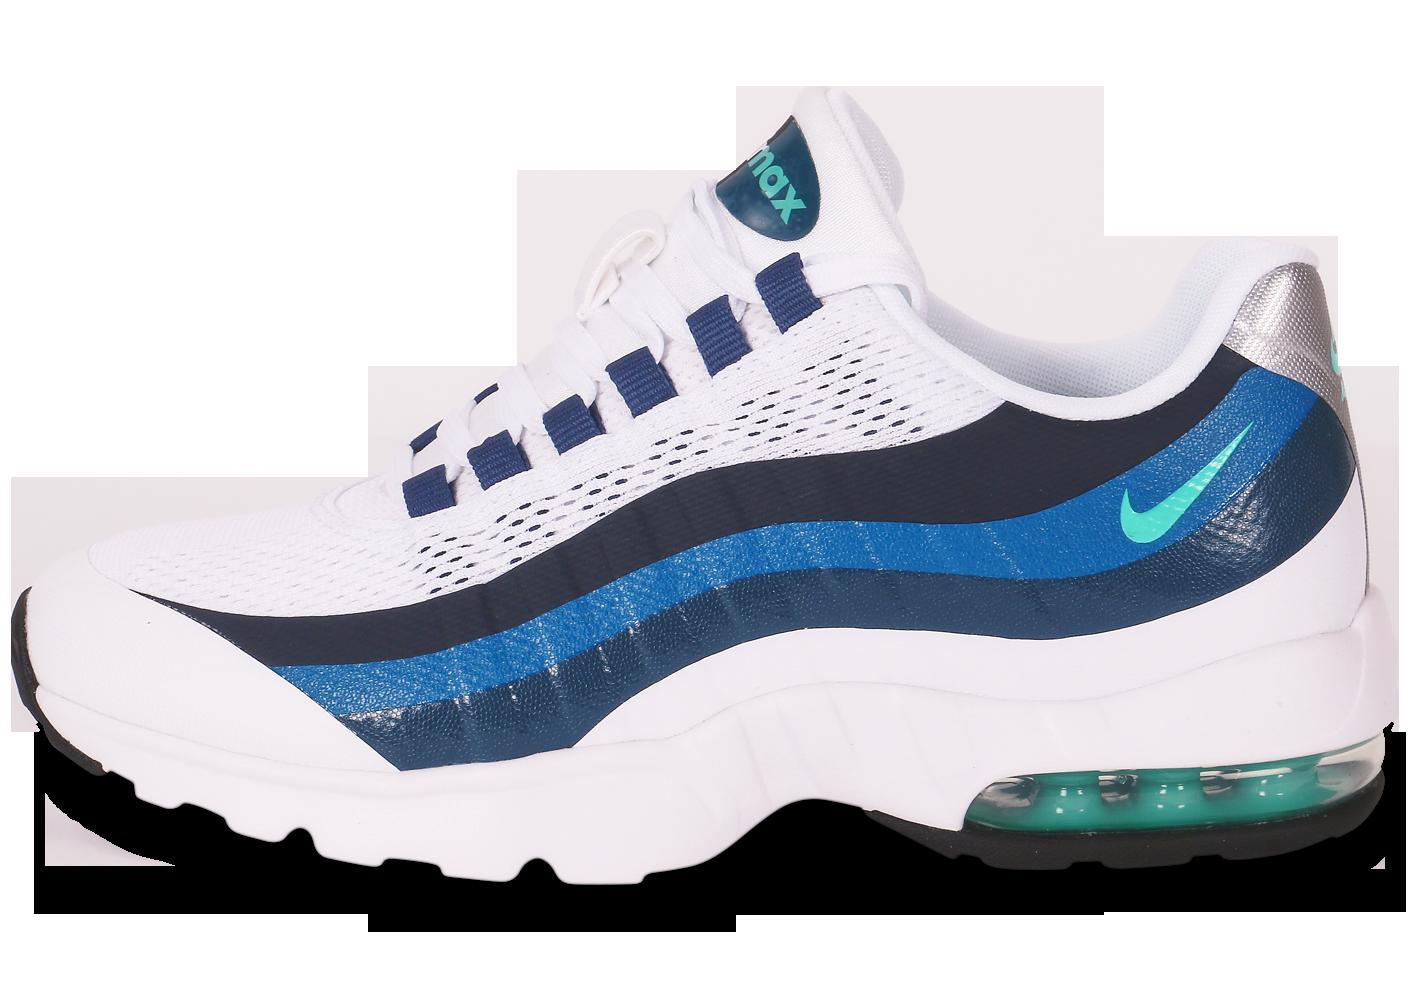 c8237a48efa Chaussures Nike Air Max 95 Femme NA09003